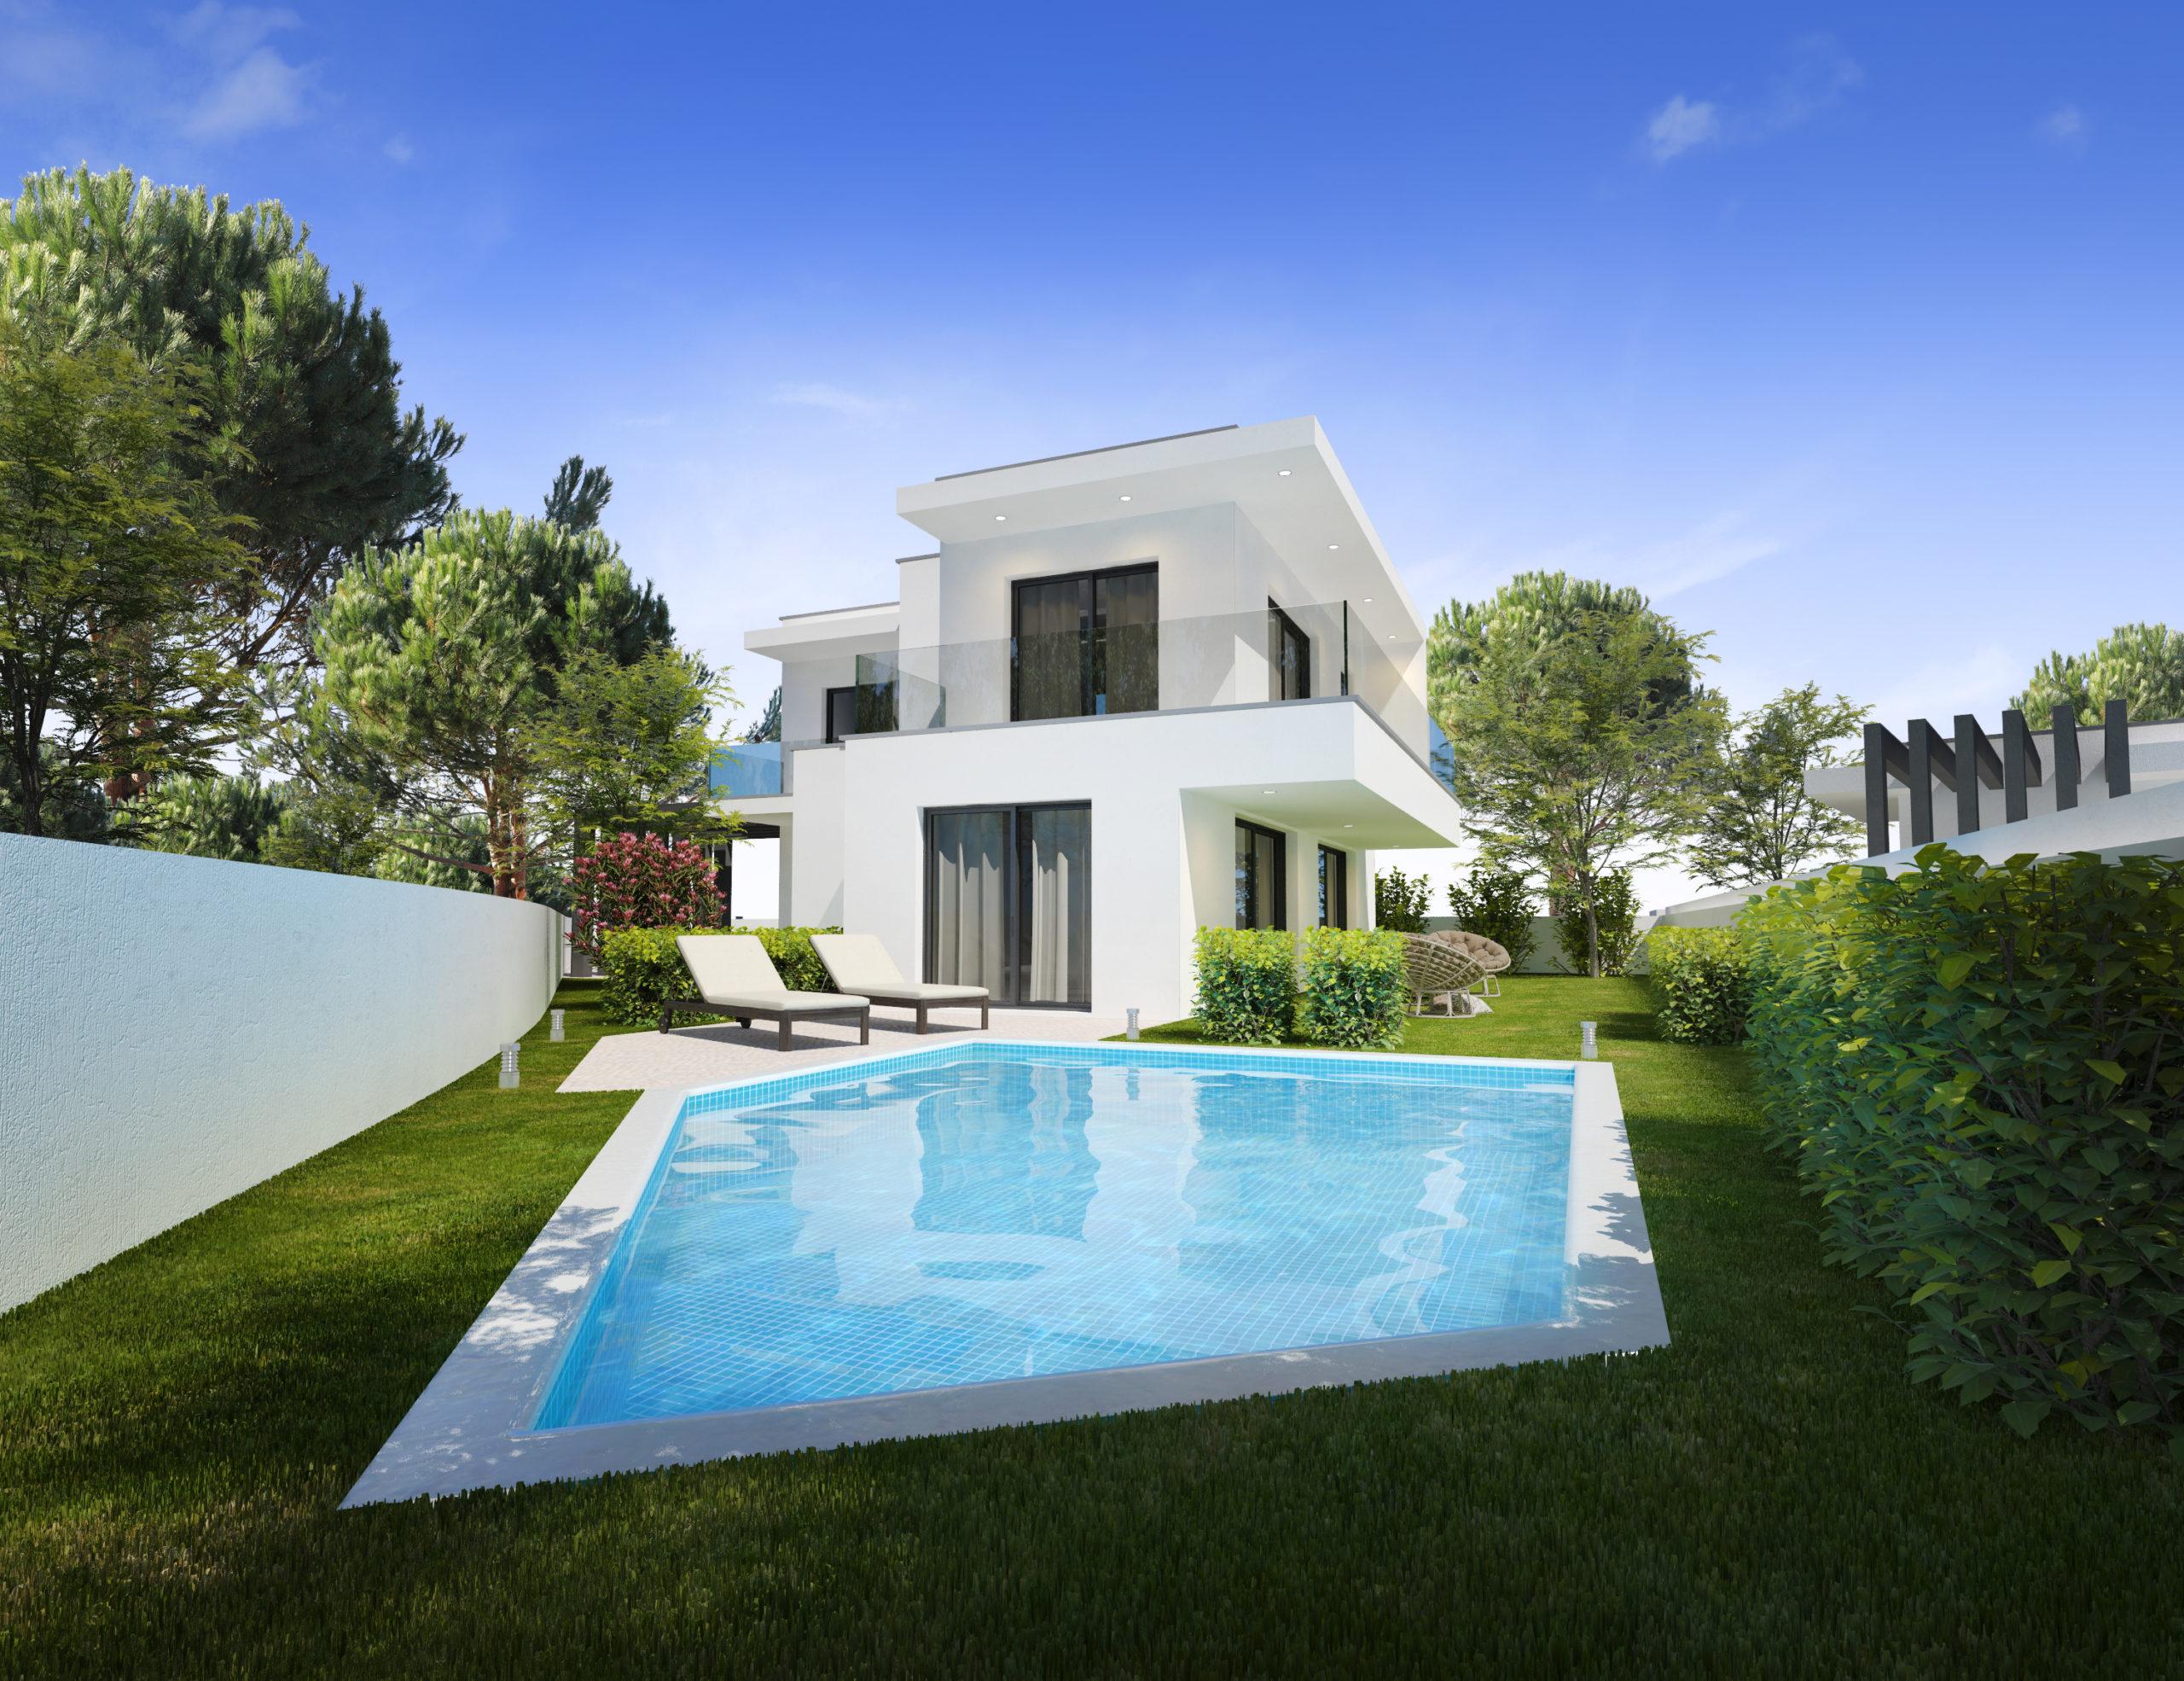 Maisons neuves à vendre au Portugal